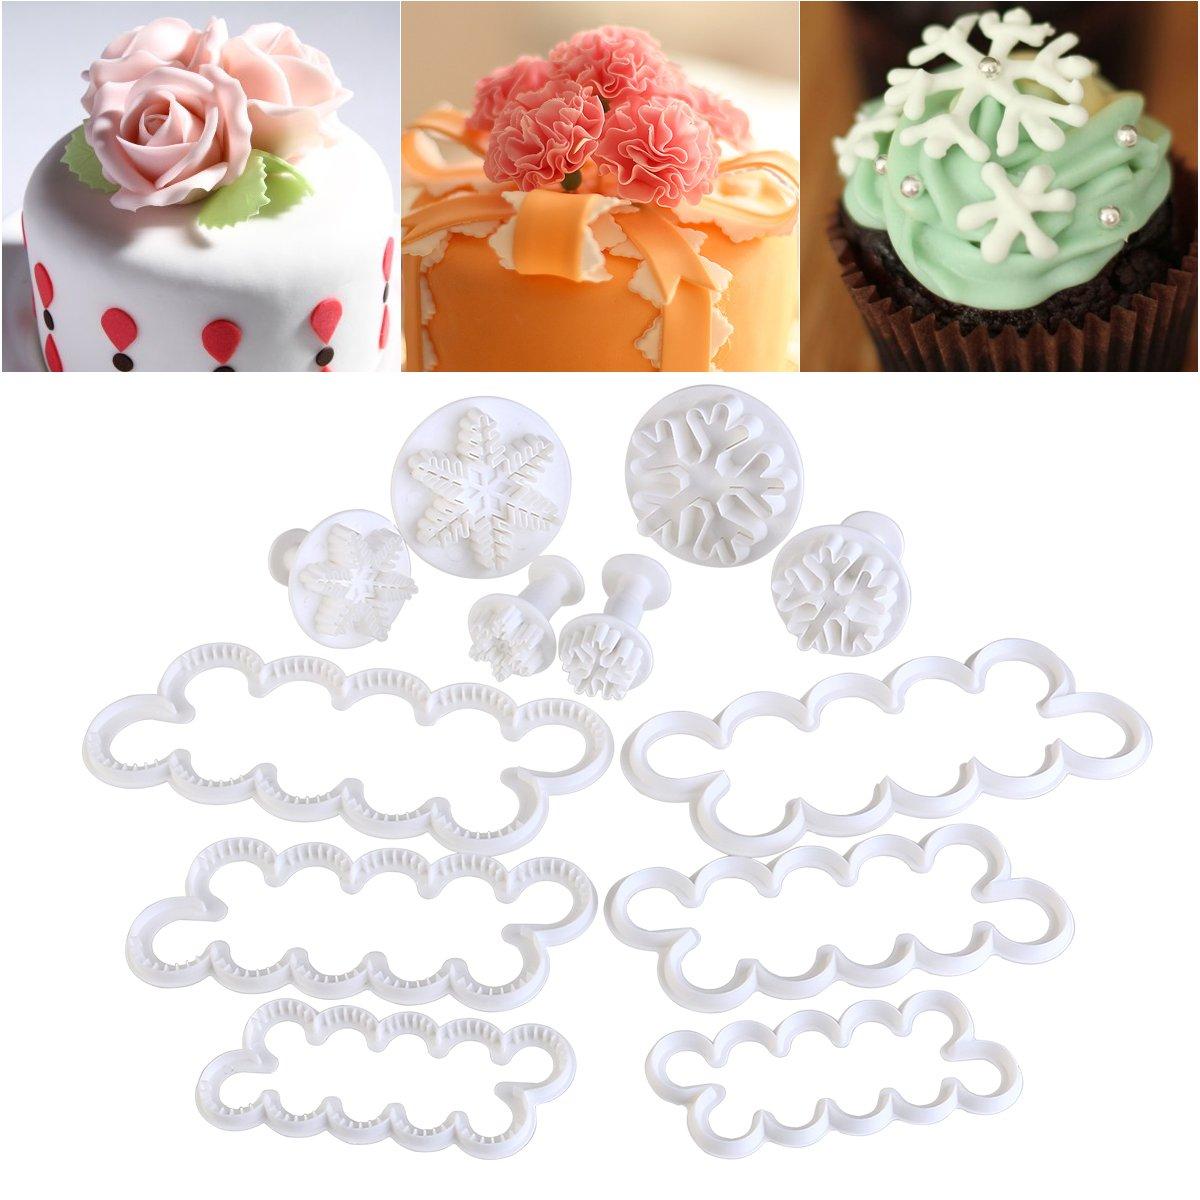 graziano decorazioni dolci: decorazioni per torte in pasta di ... - Dolci E Decorazioni Graziano